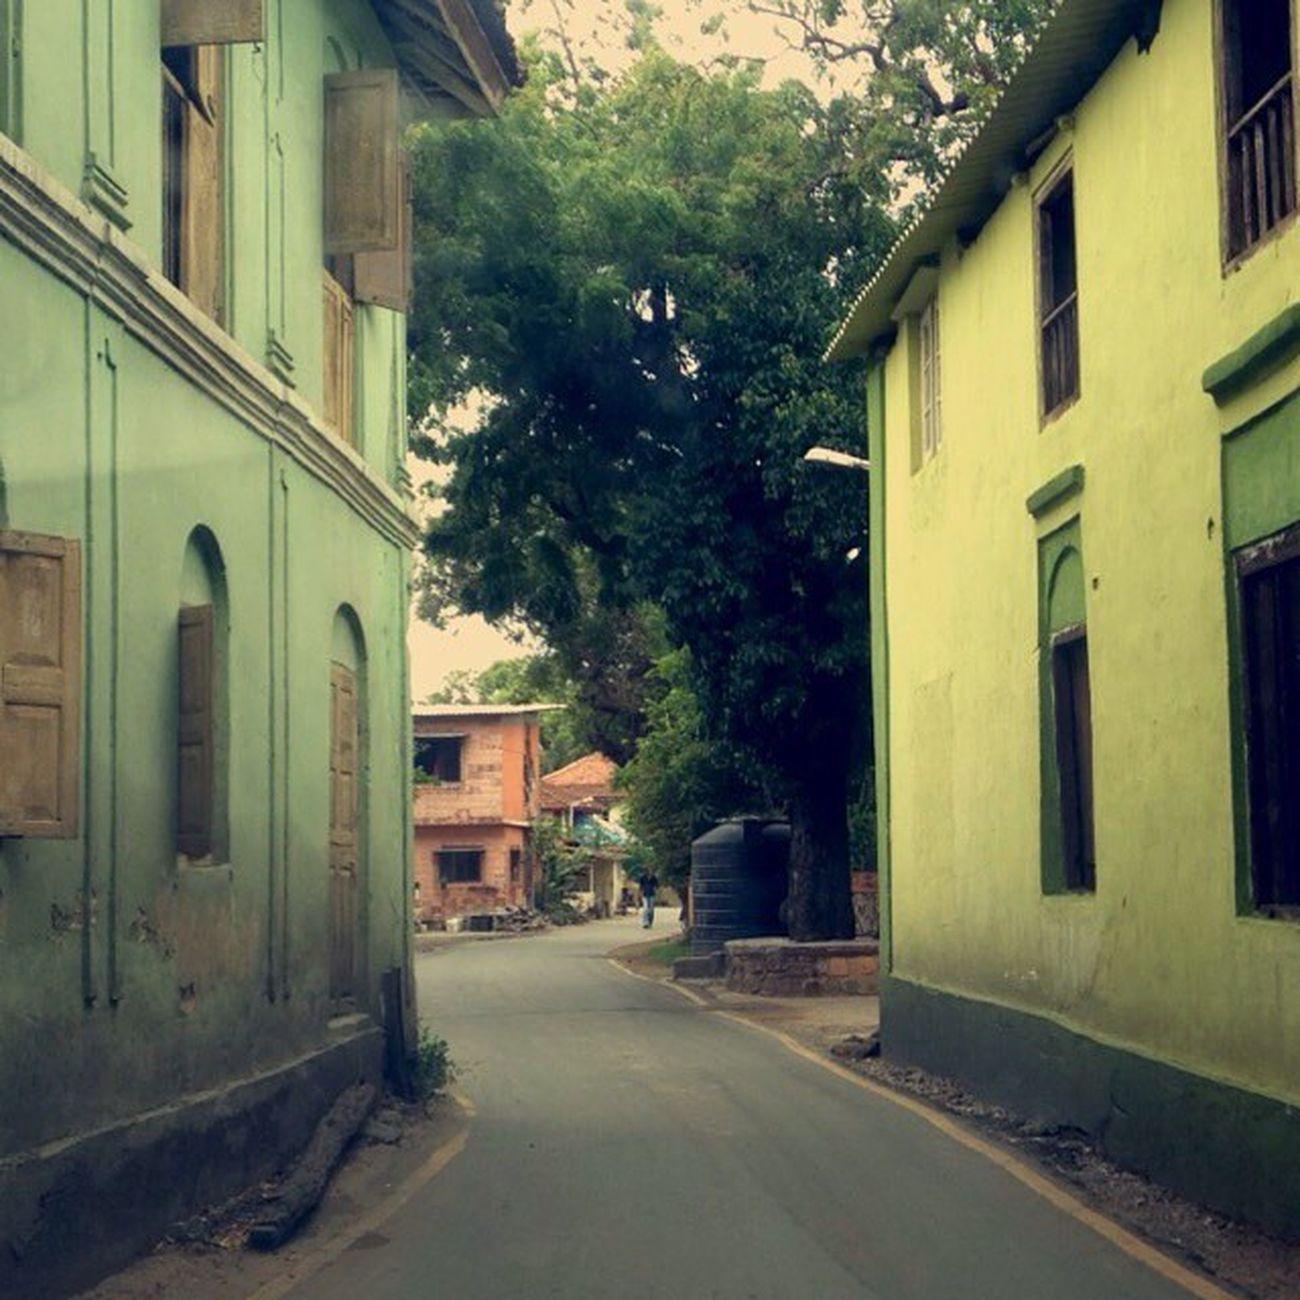 Coastalroads Gorai Mumbai Maharashta Getaway  Weekend Escape Monsoon Weather Incredibleindia